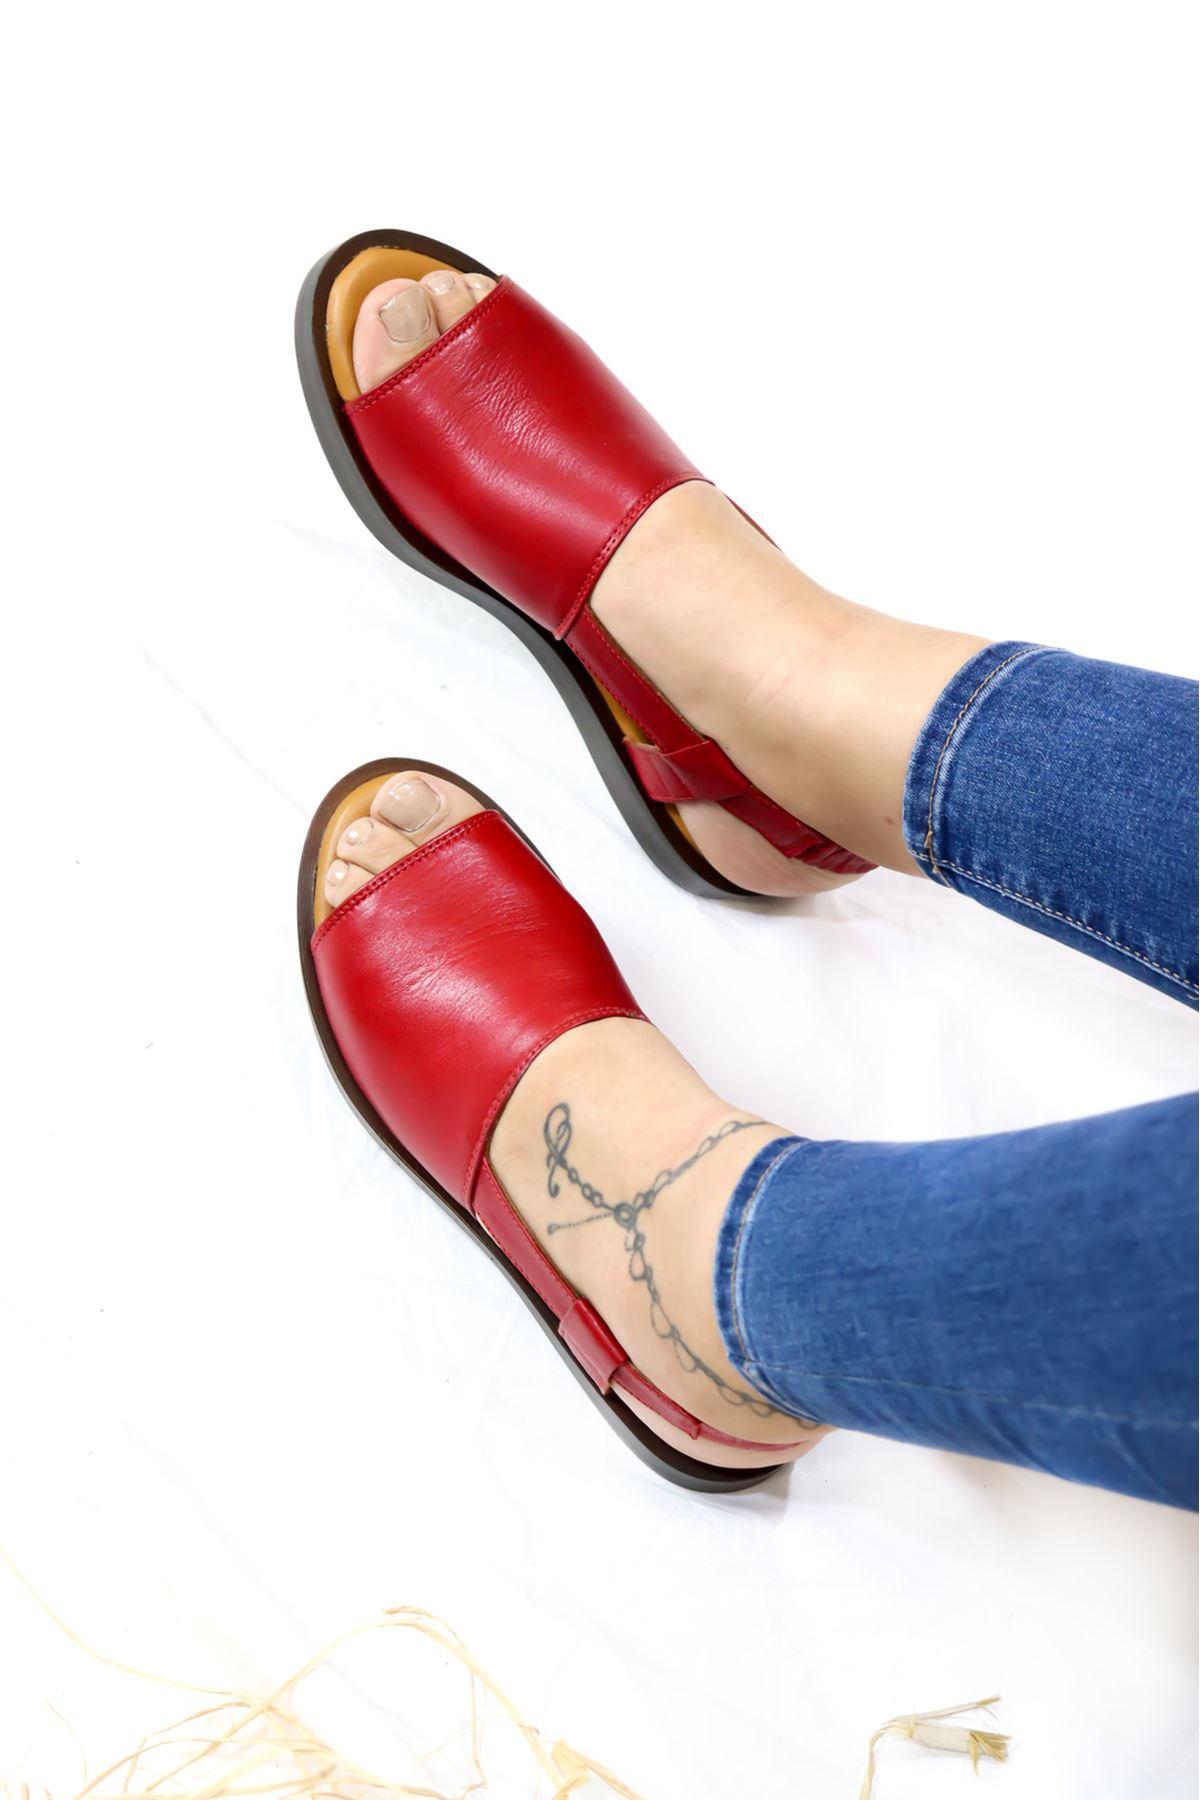 Trendayakkabı - 21Y116397 Kırmızı Kadın Sandalet